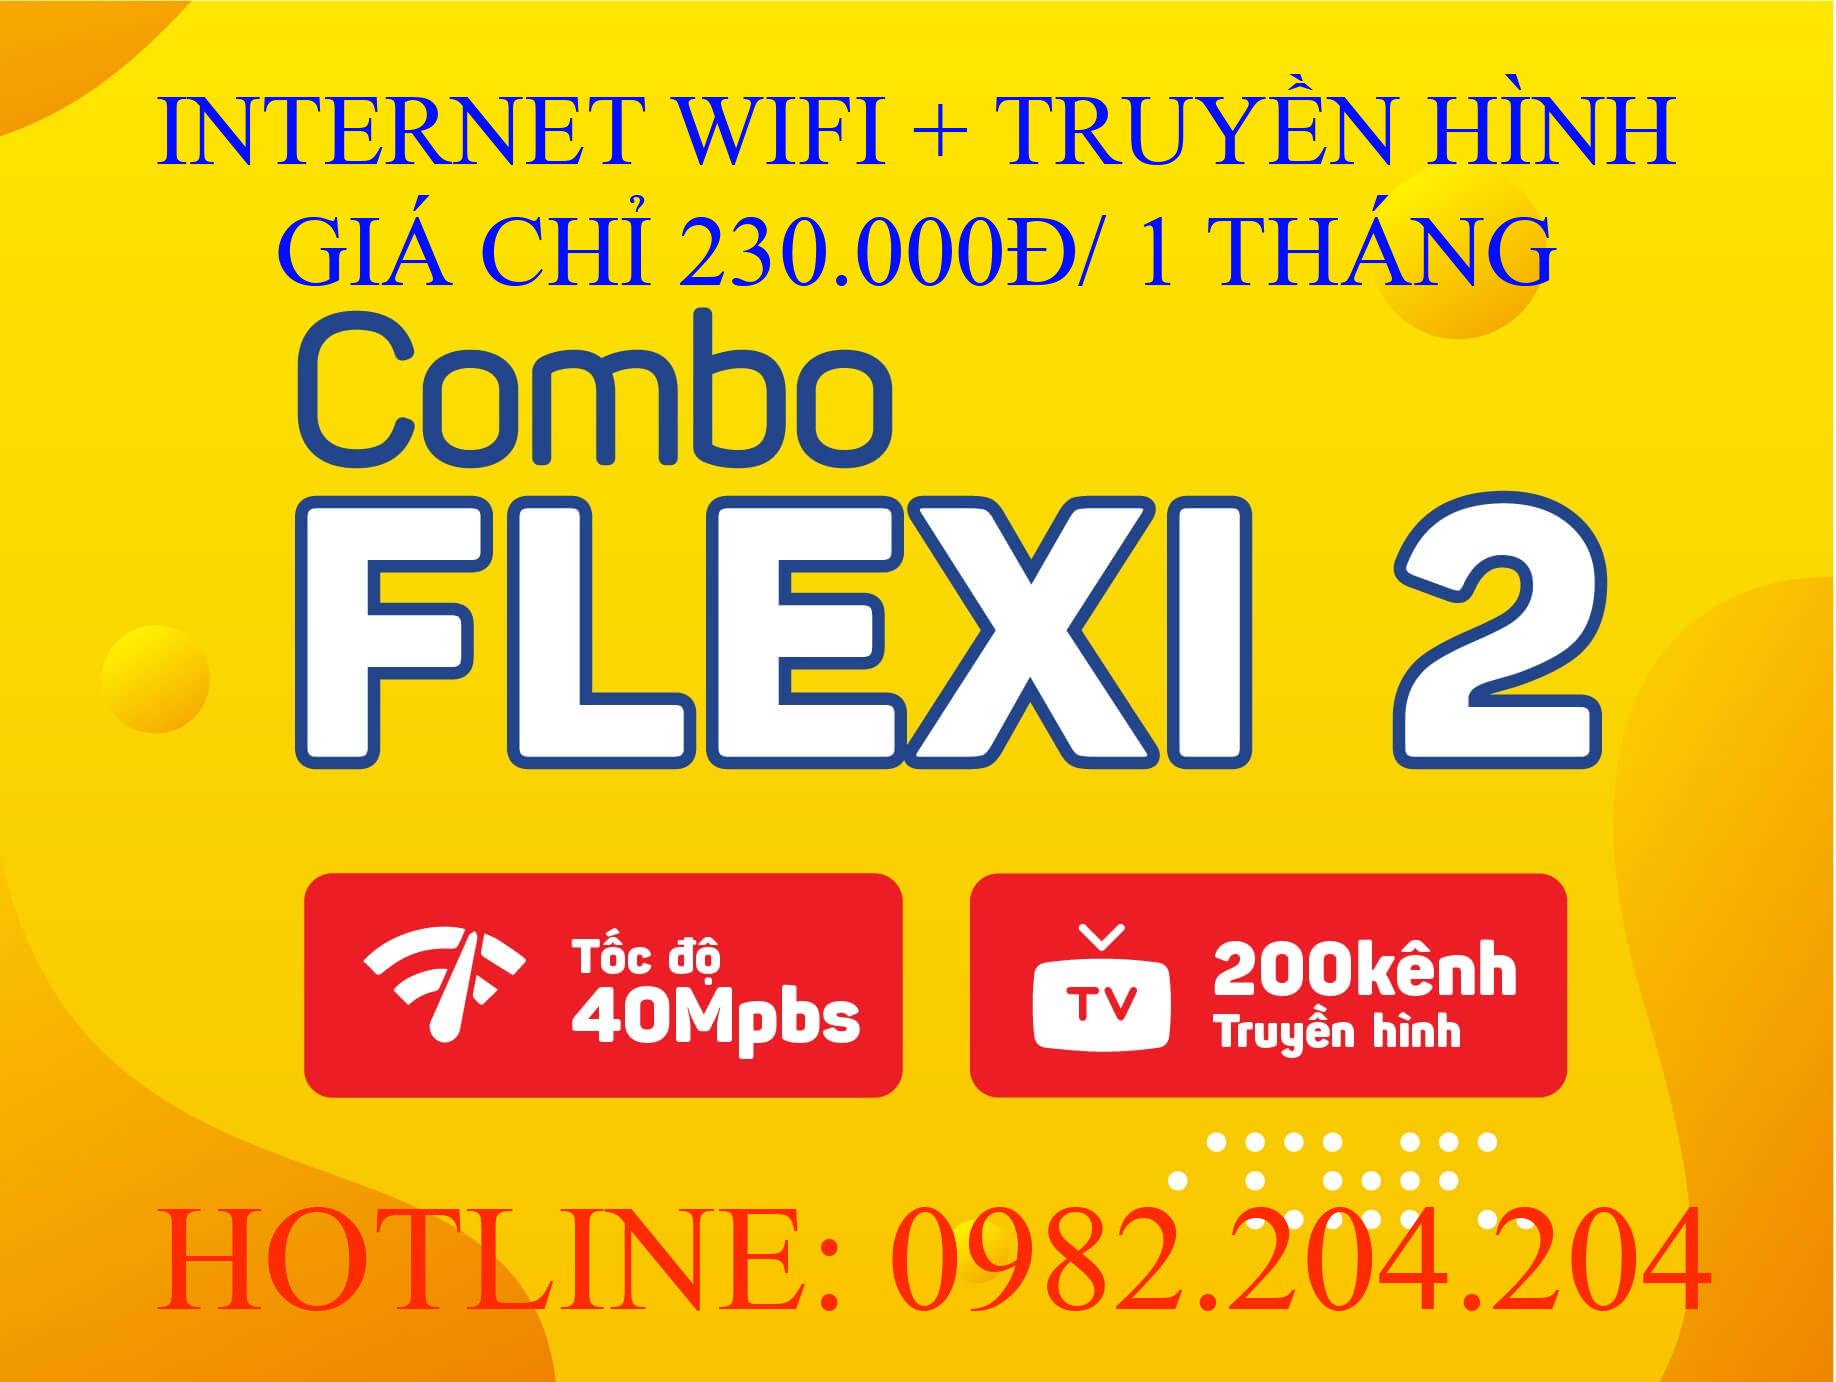 Tổng Đài Lắp Đặt Mạng Internet Cáp Quang Wifi Viettel cung cấp gói combo flexi 2